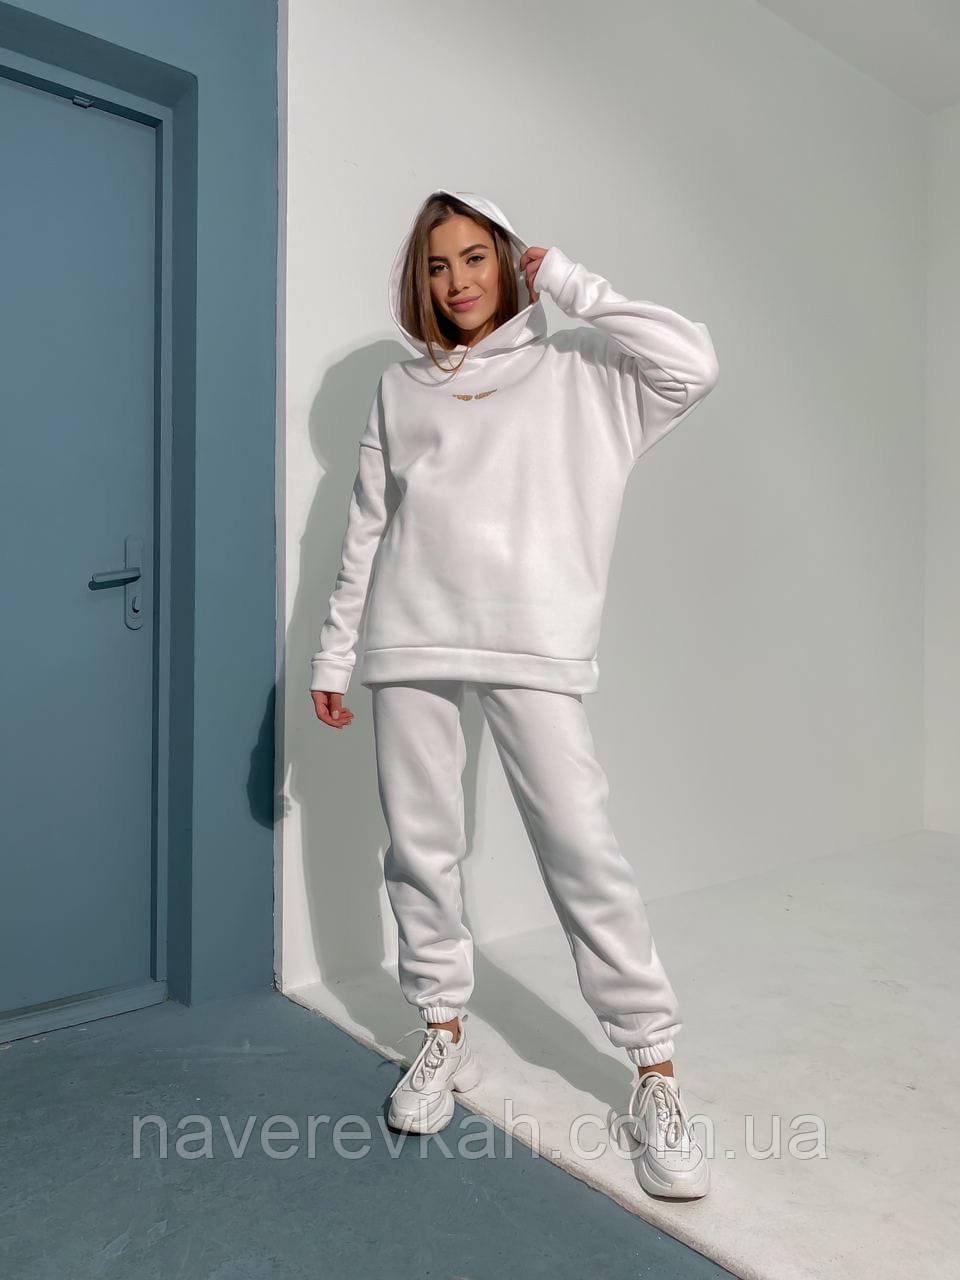 Теплий спортивний костюм на флісі зимовий осінній сірий білий пудровий жіночий трехнитка 42-44 46-48